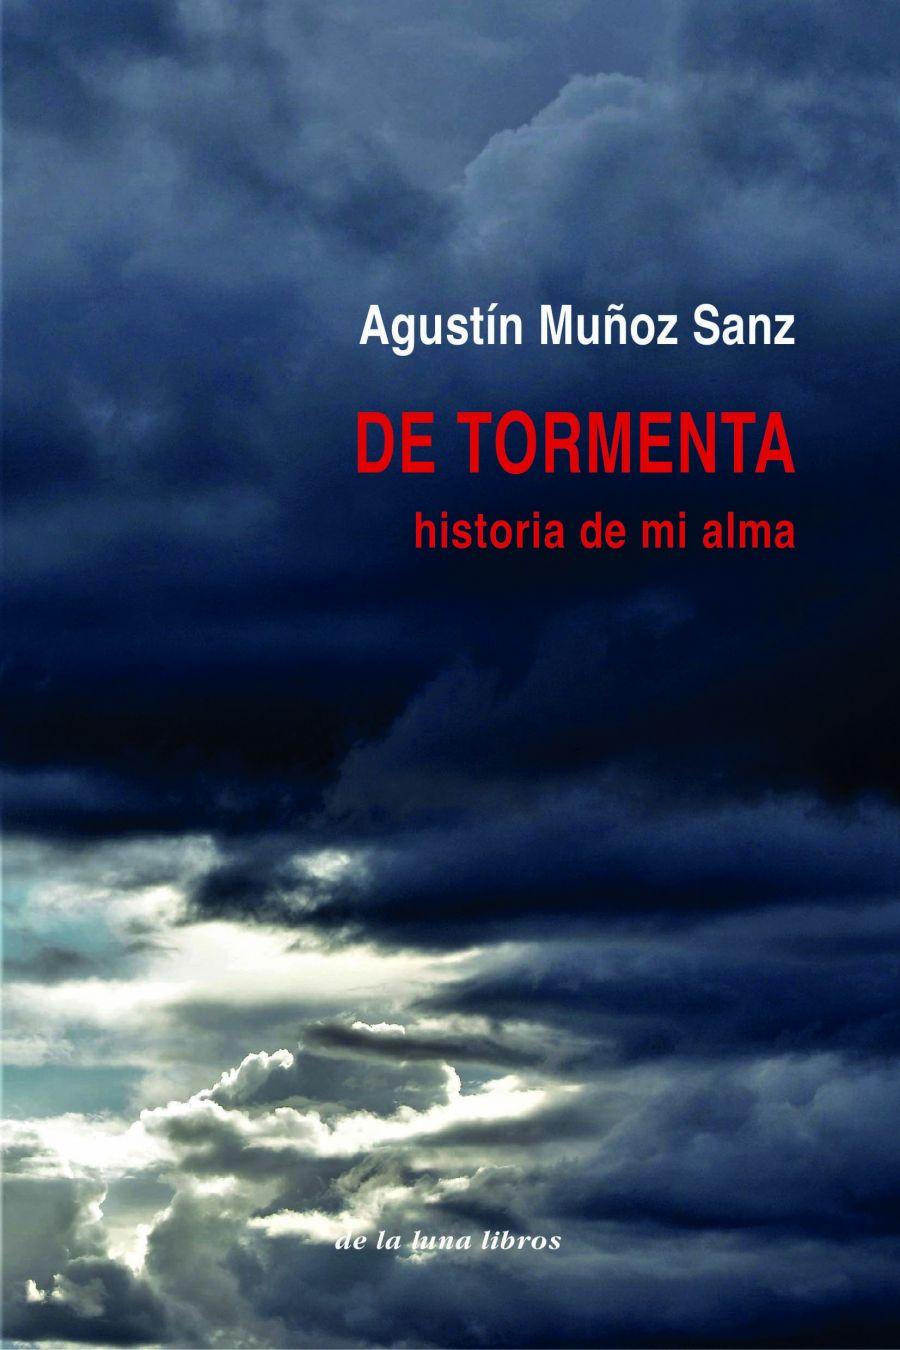 Presentación en Cáceres de la novela de Agustín Muñoz Sanz De tormenta. Historia de mi alma.